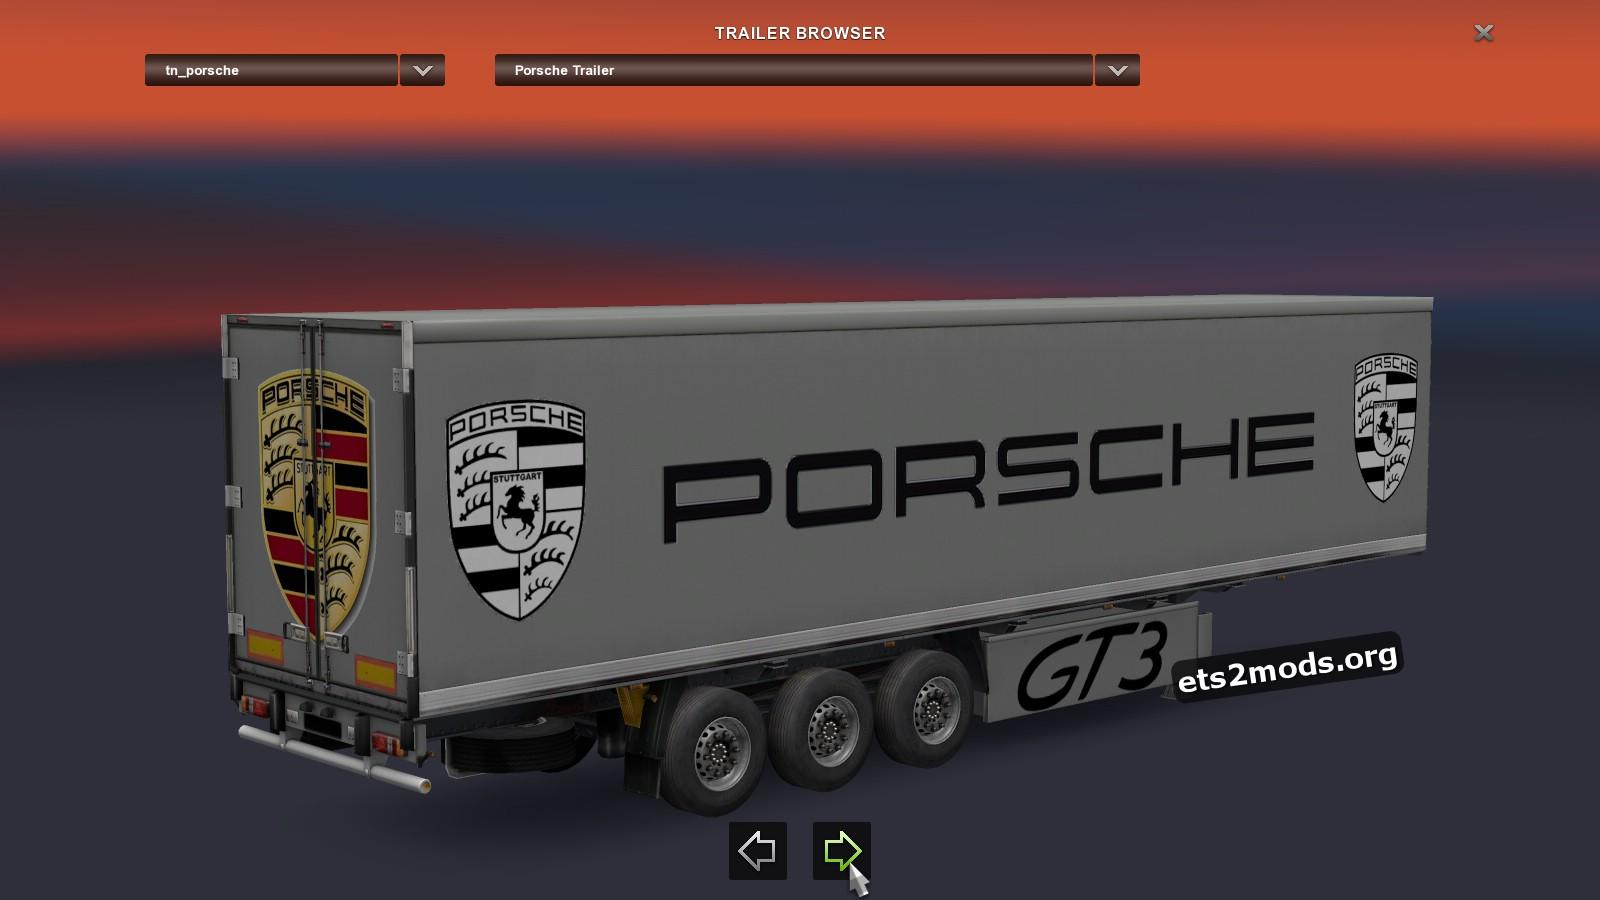 Trailer - Porsche